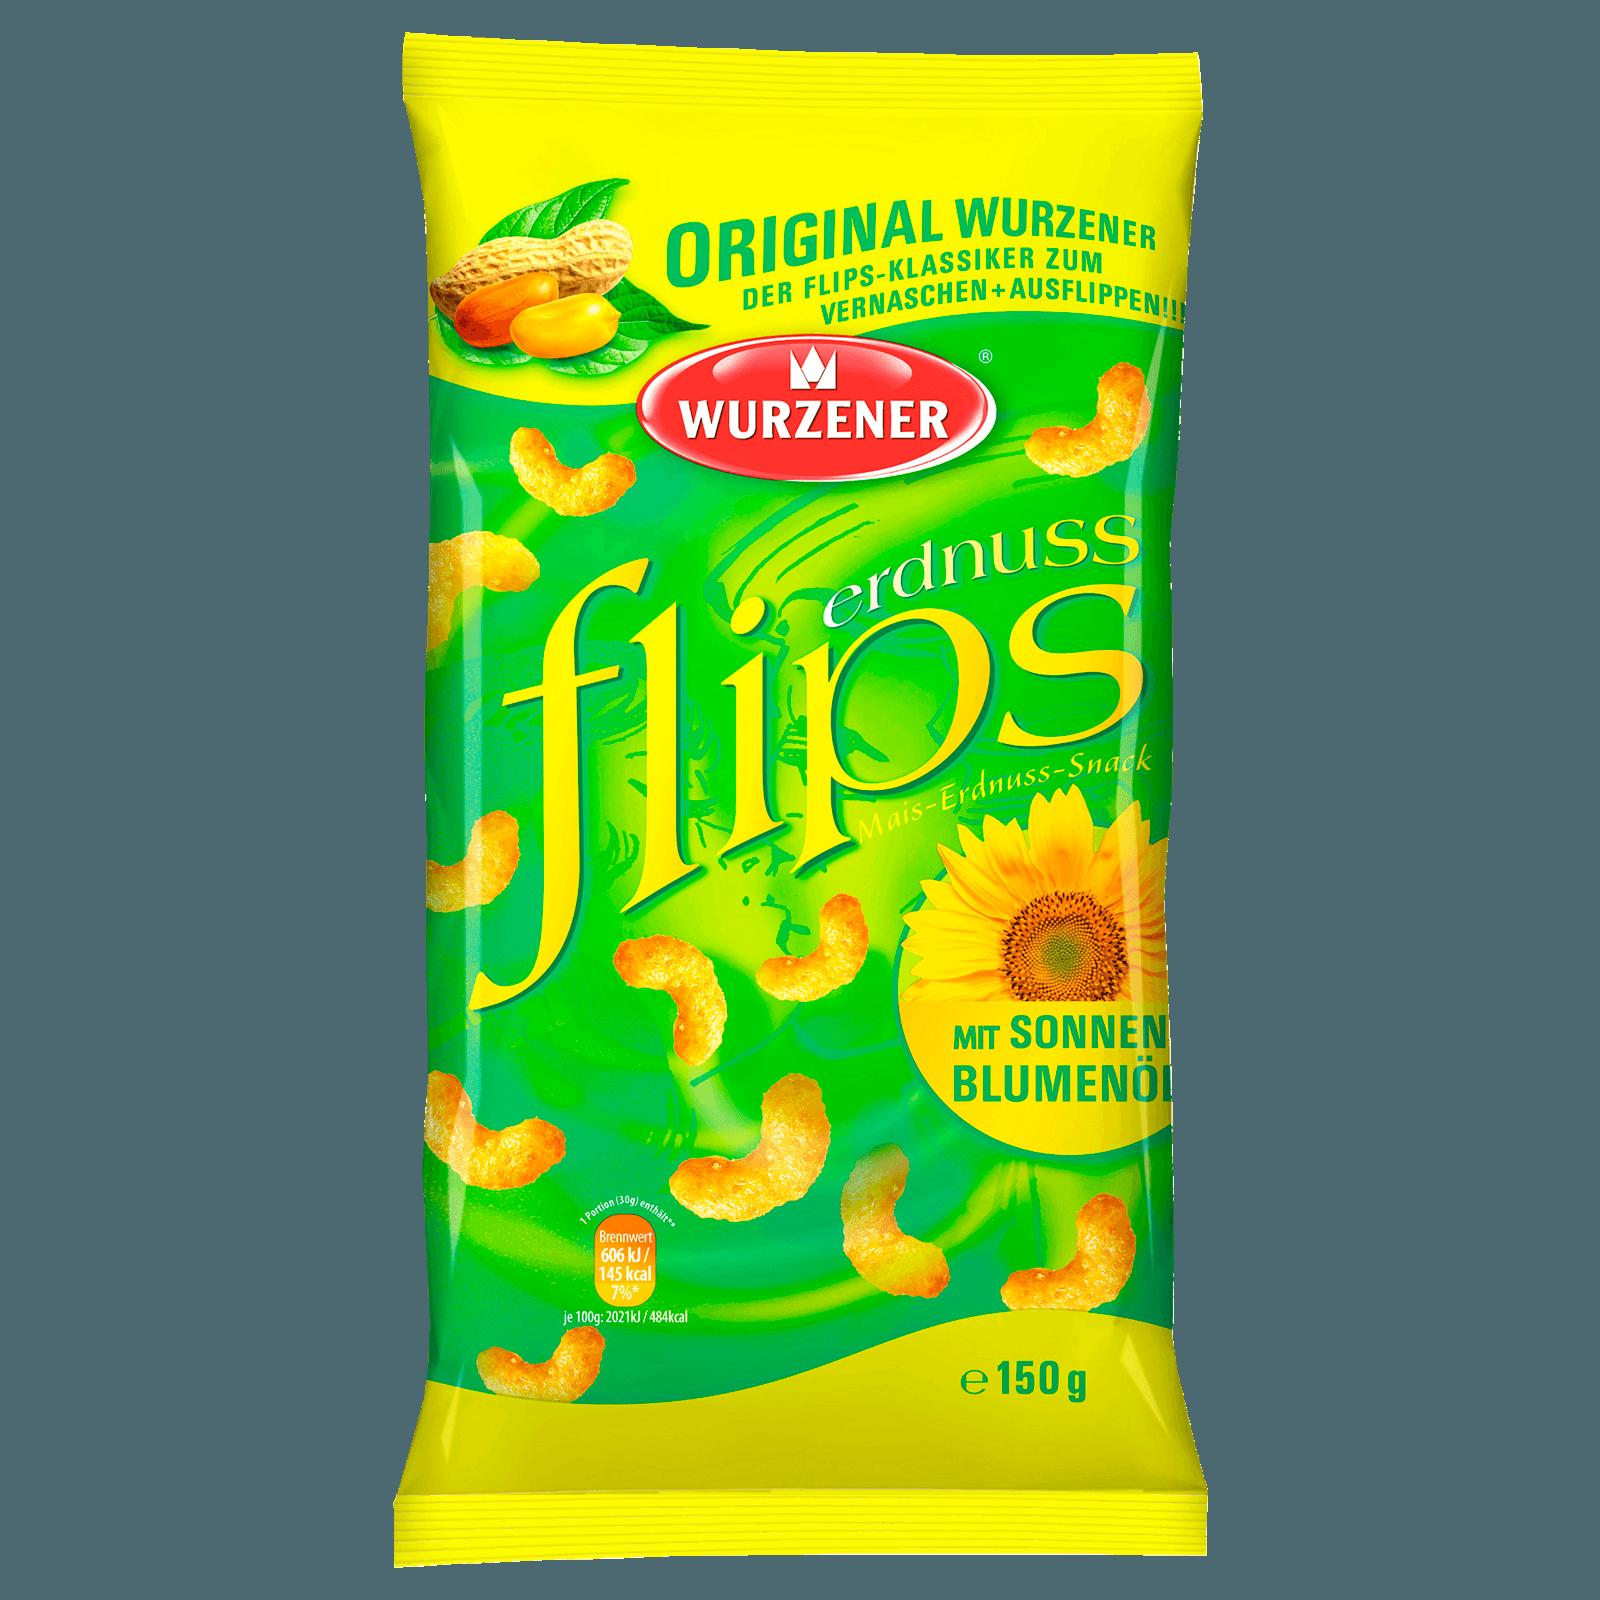 Wurzener Erdnussflips 150g